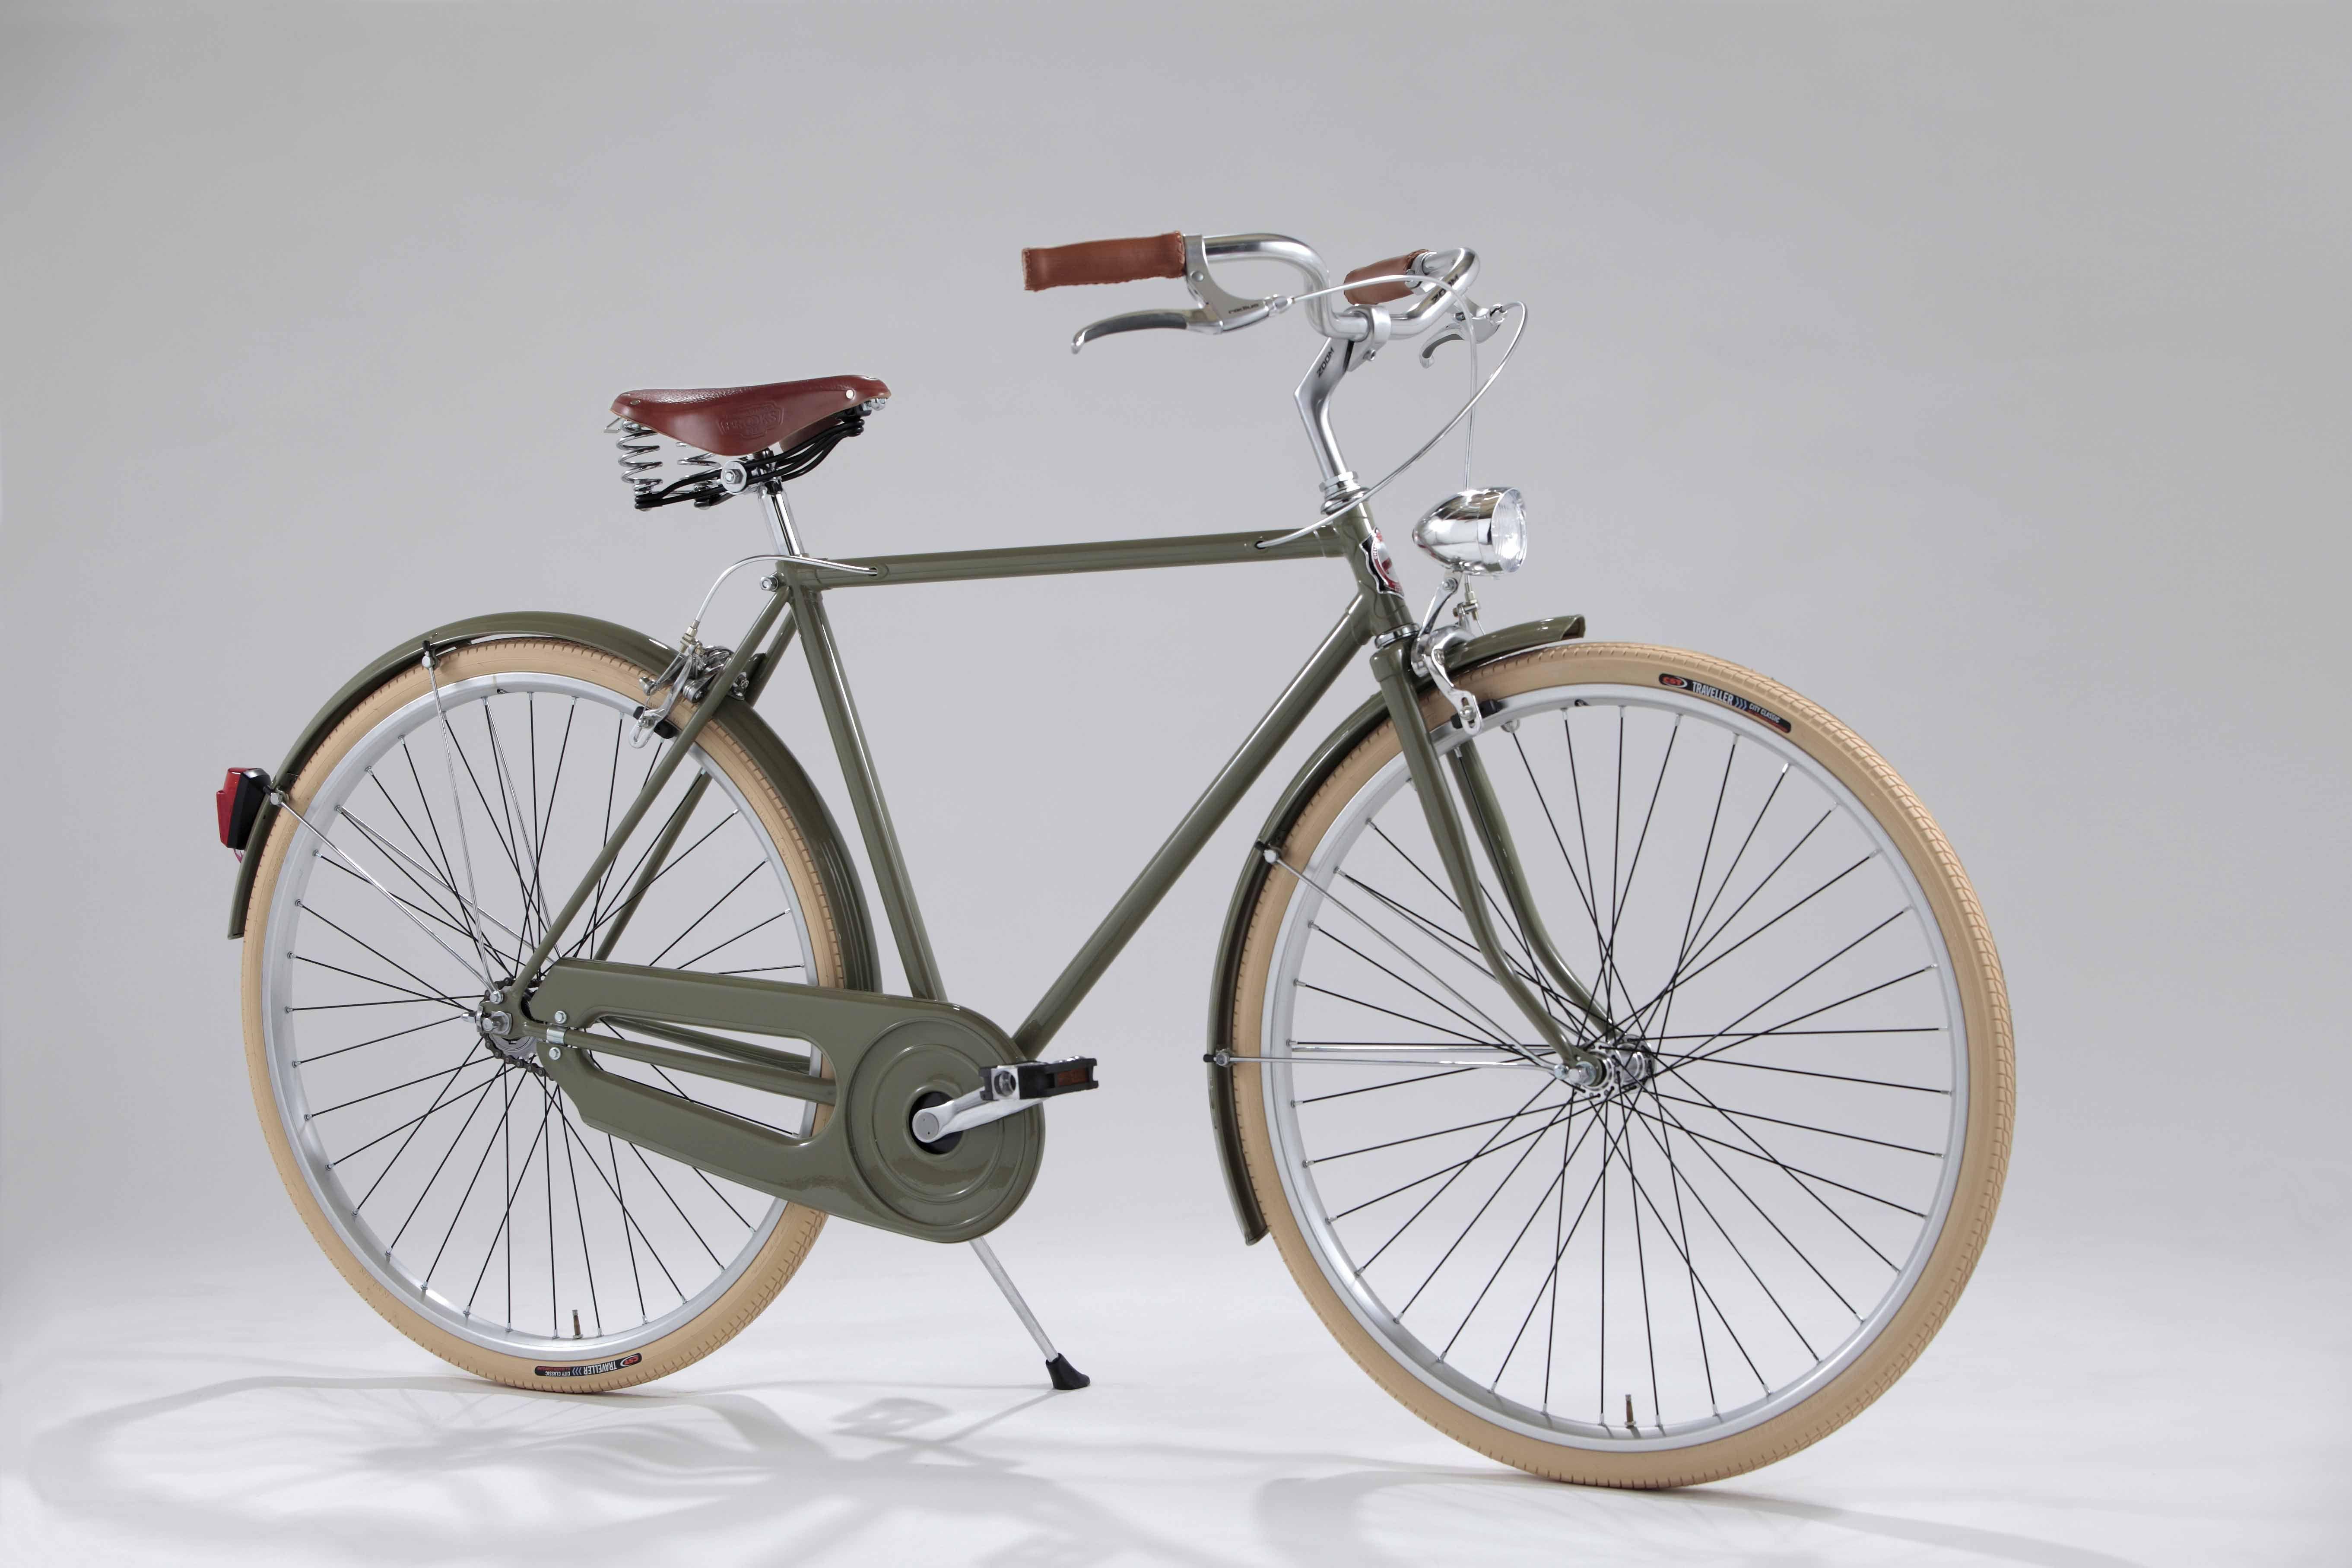 Pin Di Pei Chun Chen Su Bike Biciclette Vintage Vintage E Bicicletta